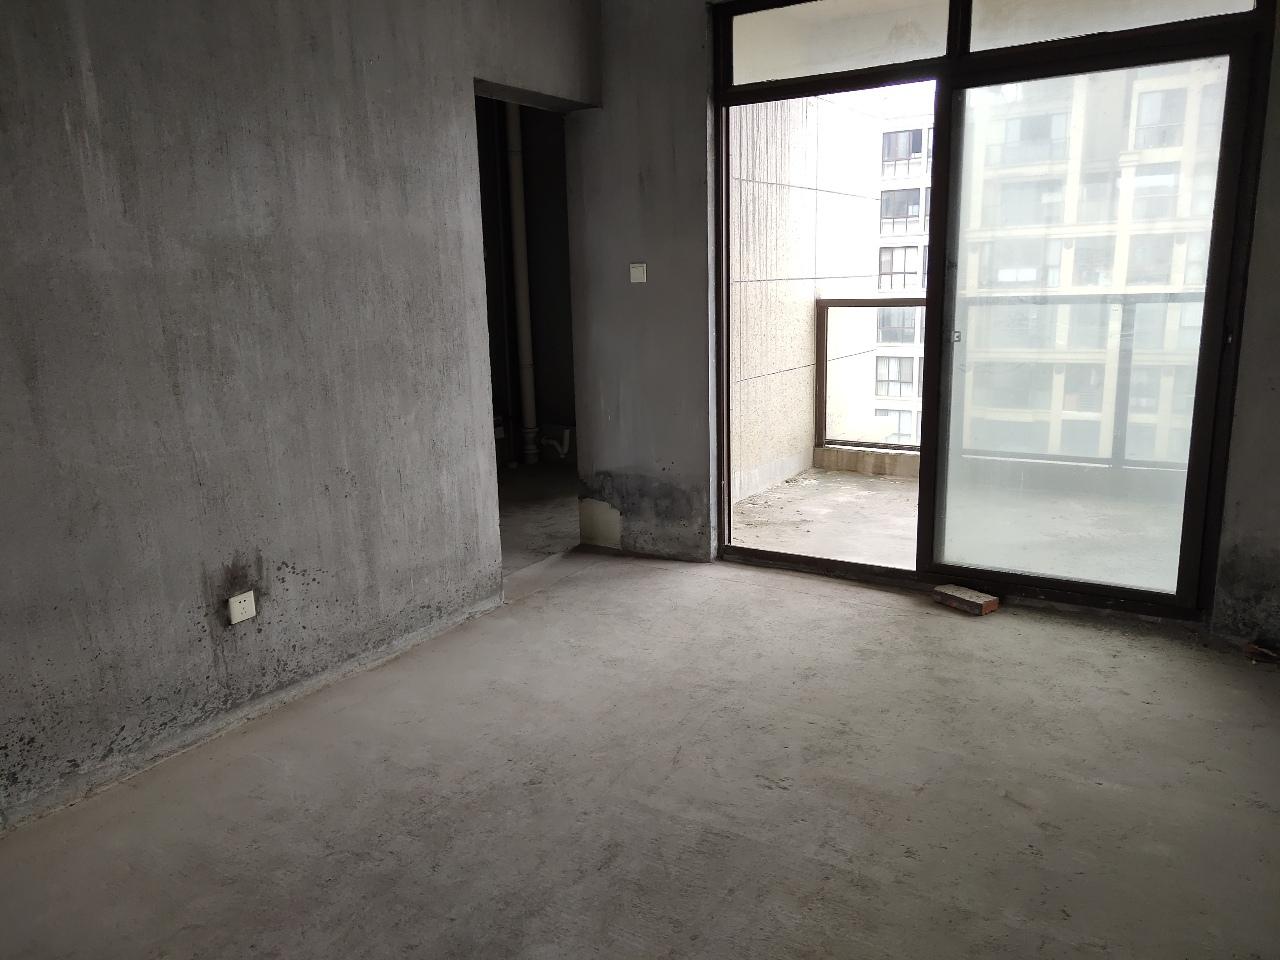 1026满2年溪西帝景边套4室2厅2卫158万元